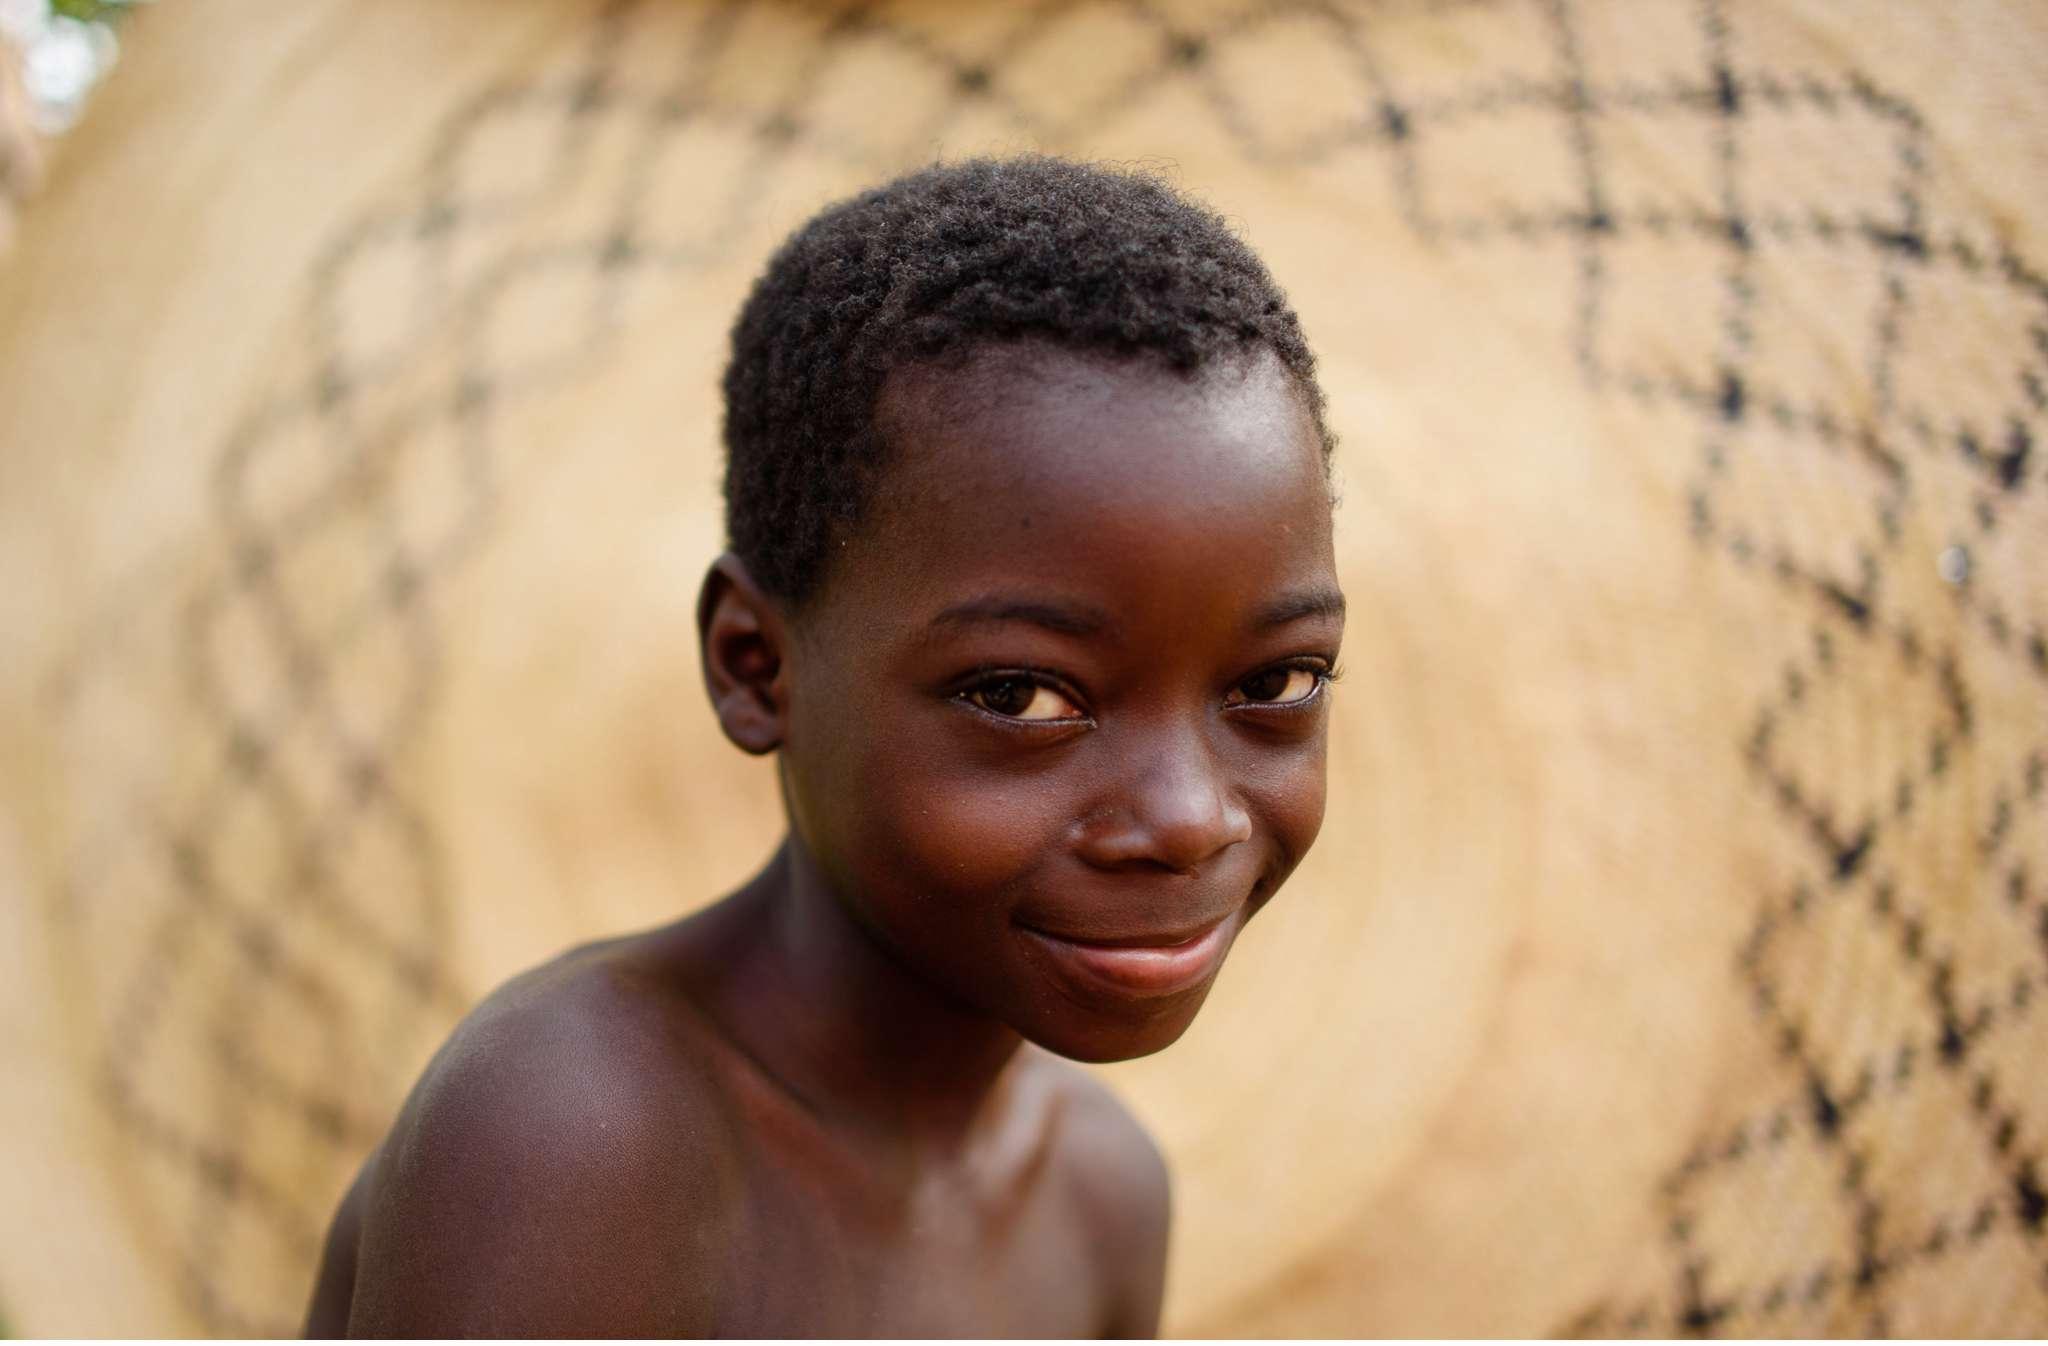 Malawi-Quer durch Afrika- Geschichten von unterwegs by Marion and Daniel-20